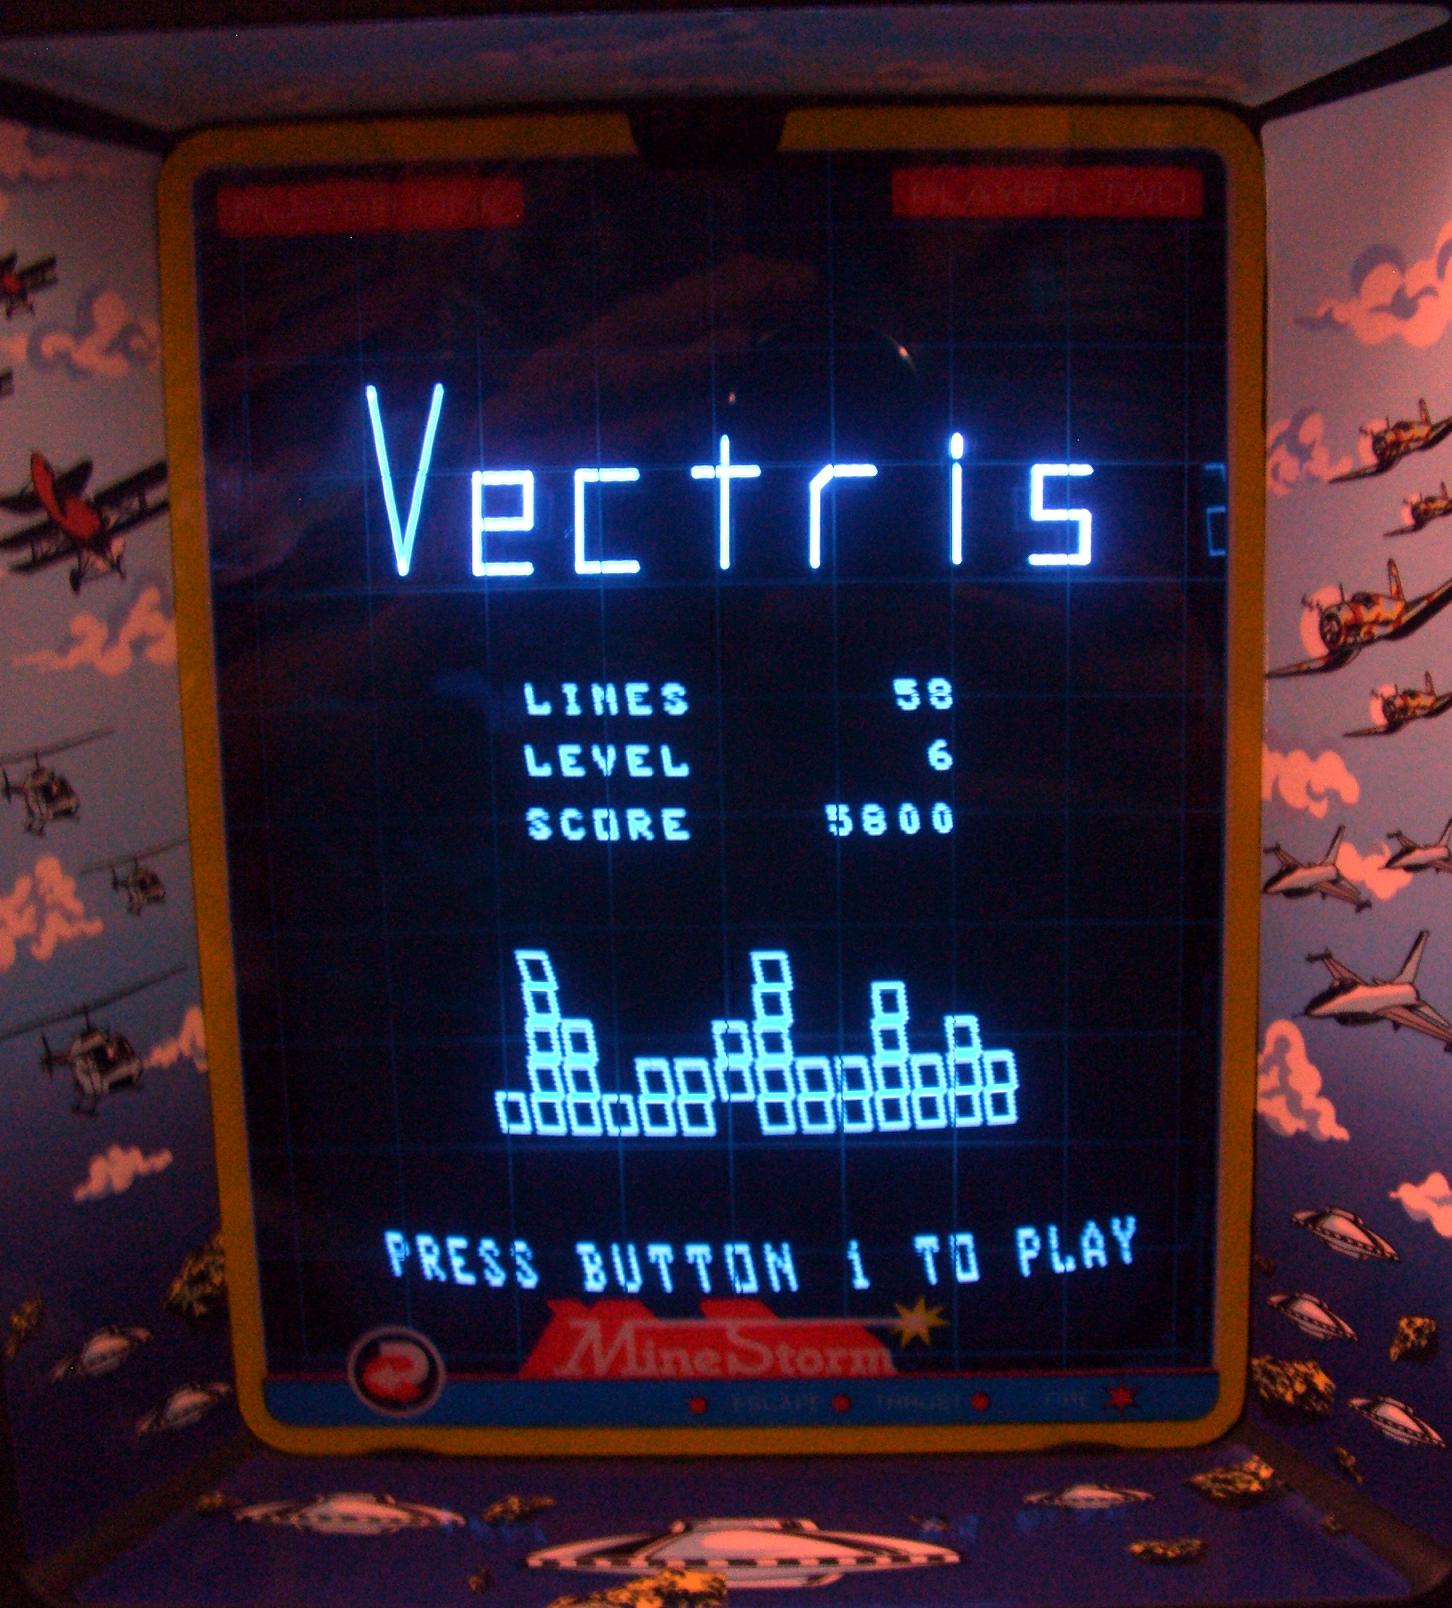 Vectris 5,800 points